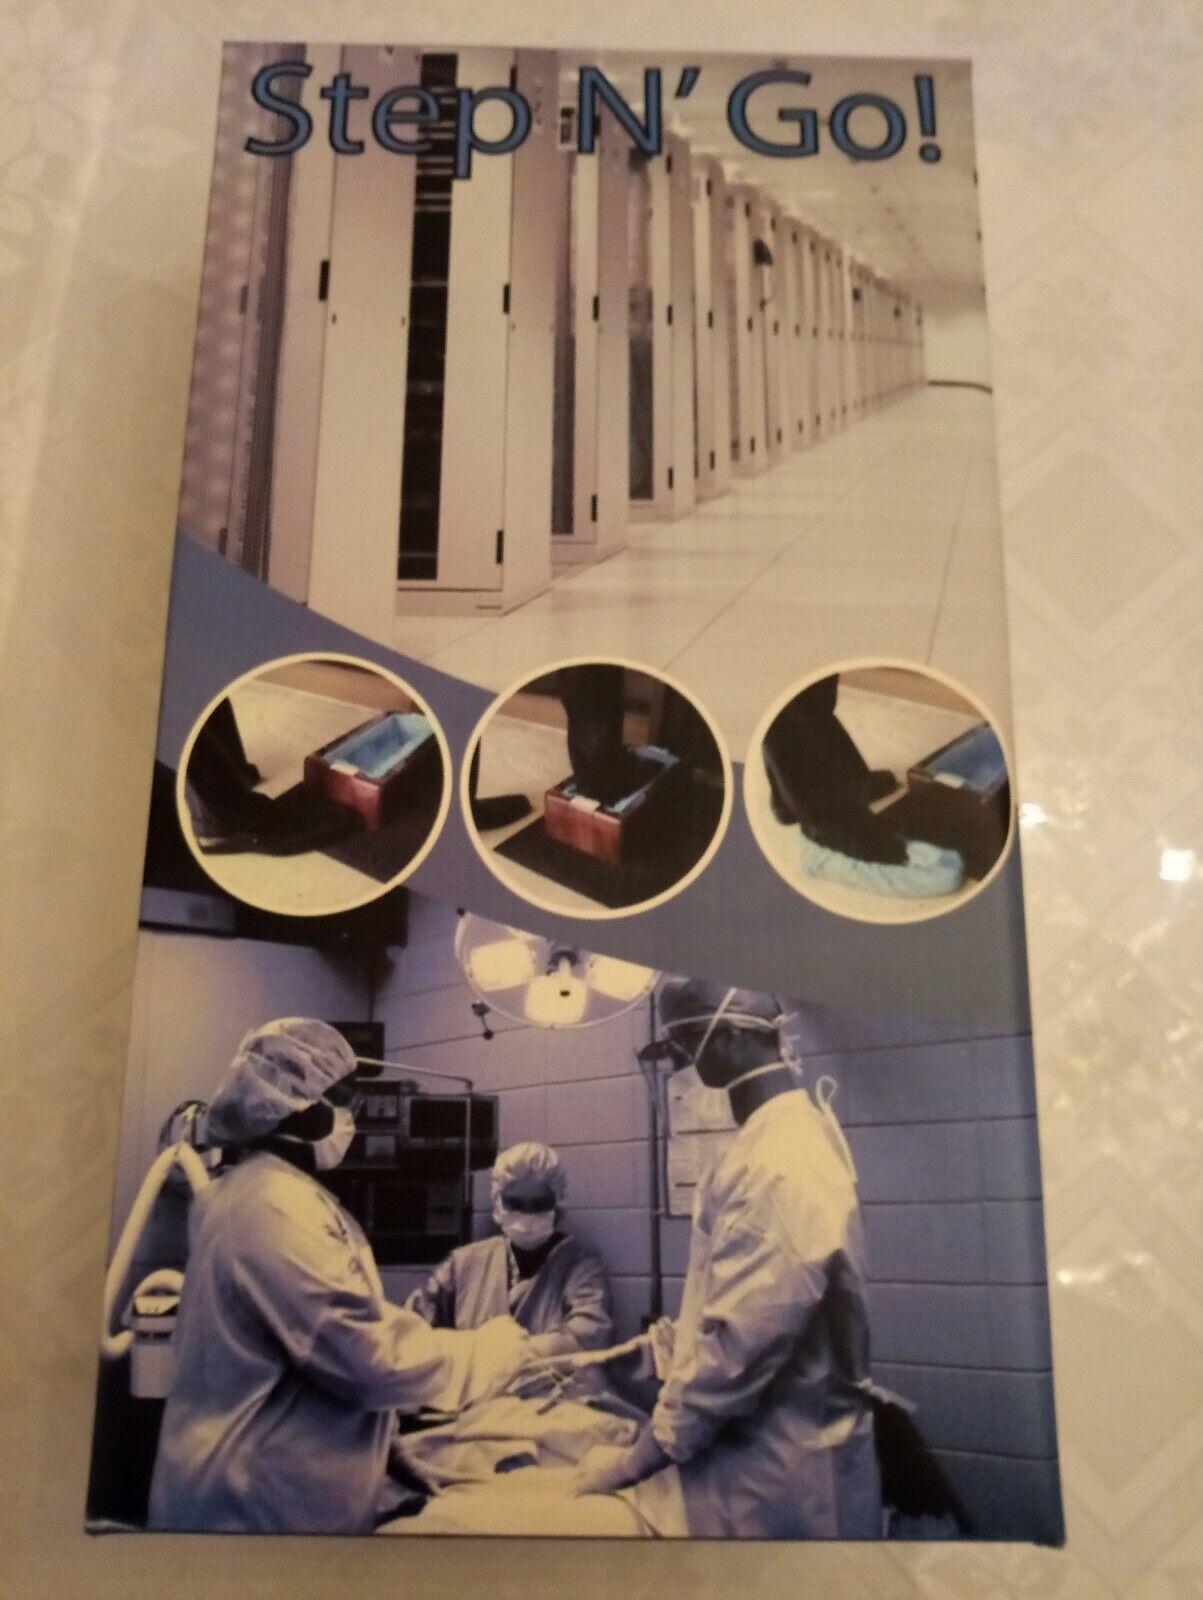 ORIGINAL Step N' Go Shoe,Boot Cover Dispenser Ma ne for Construction,Hospital